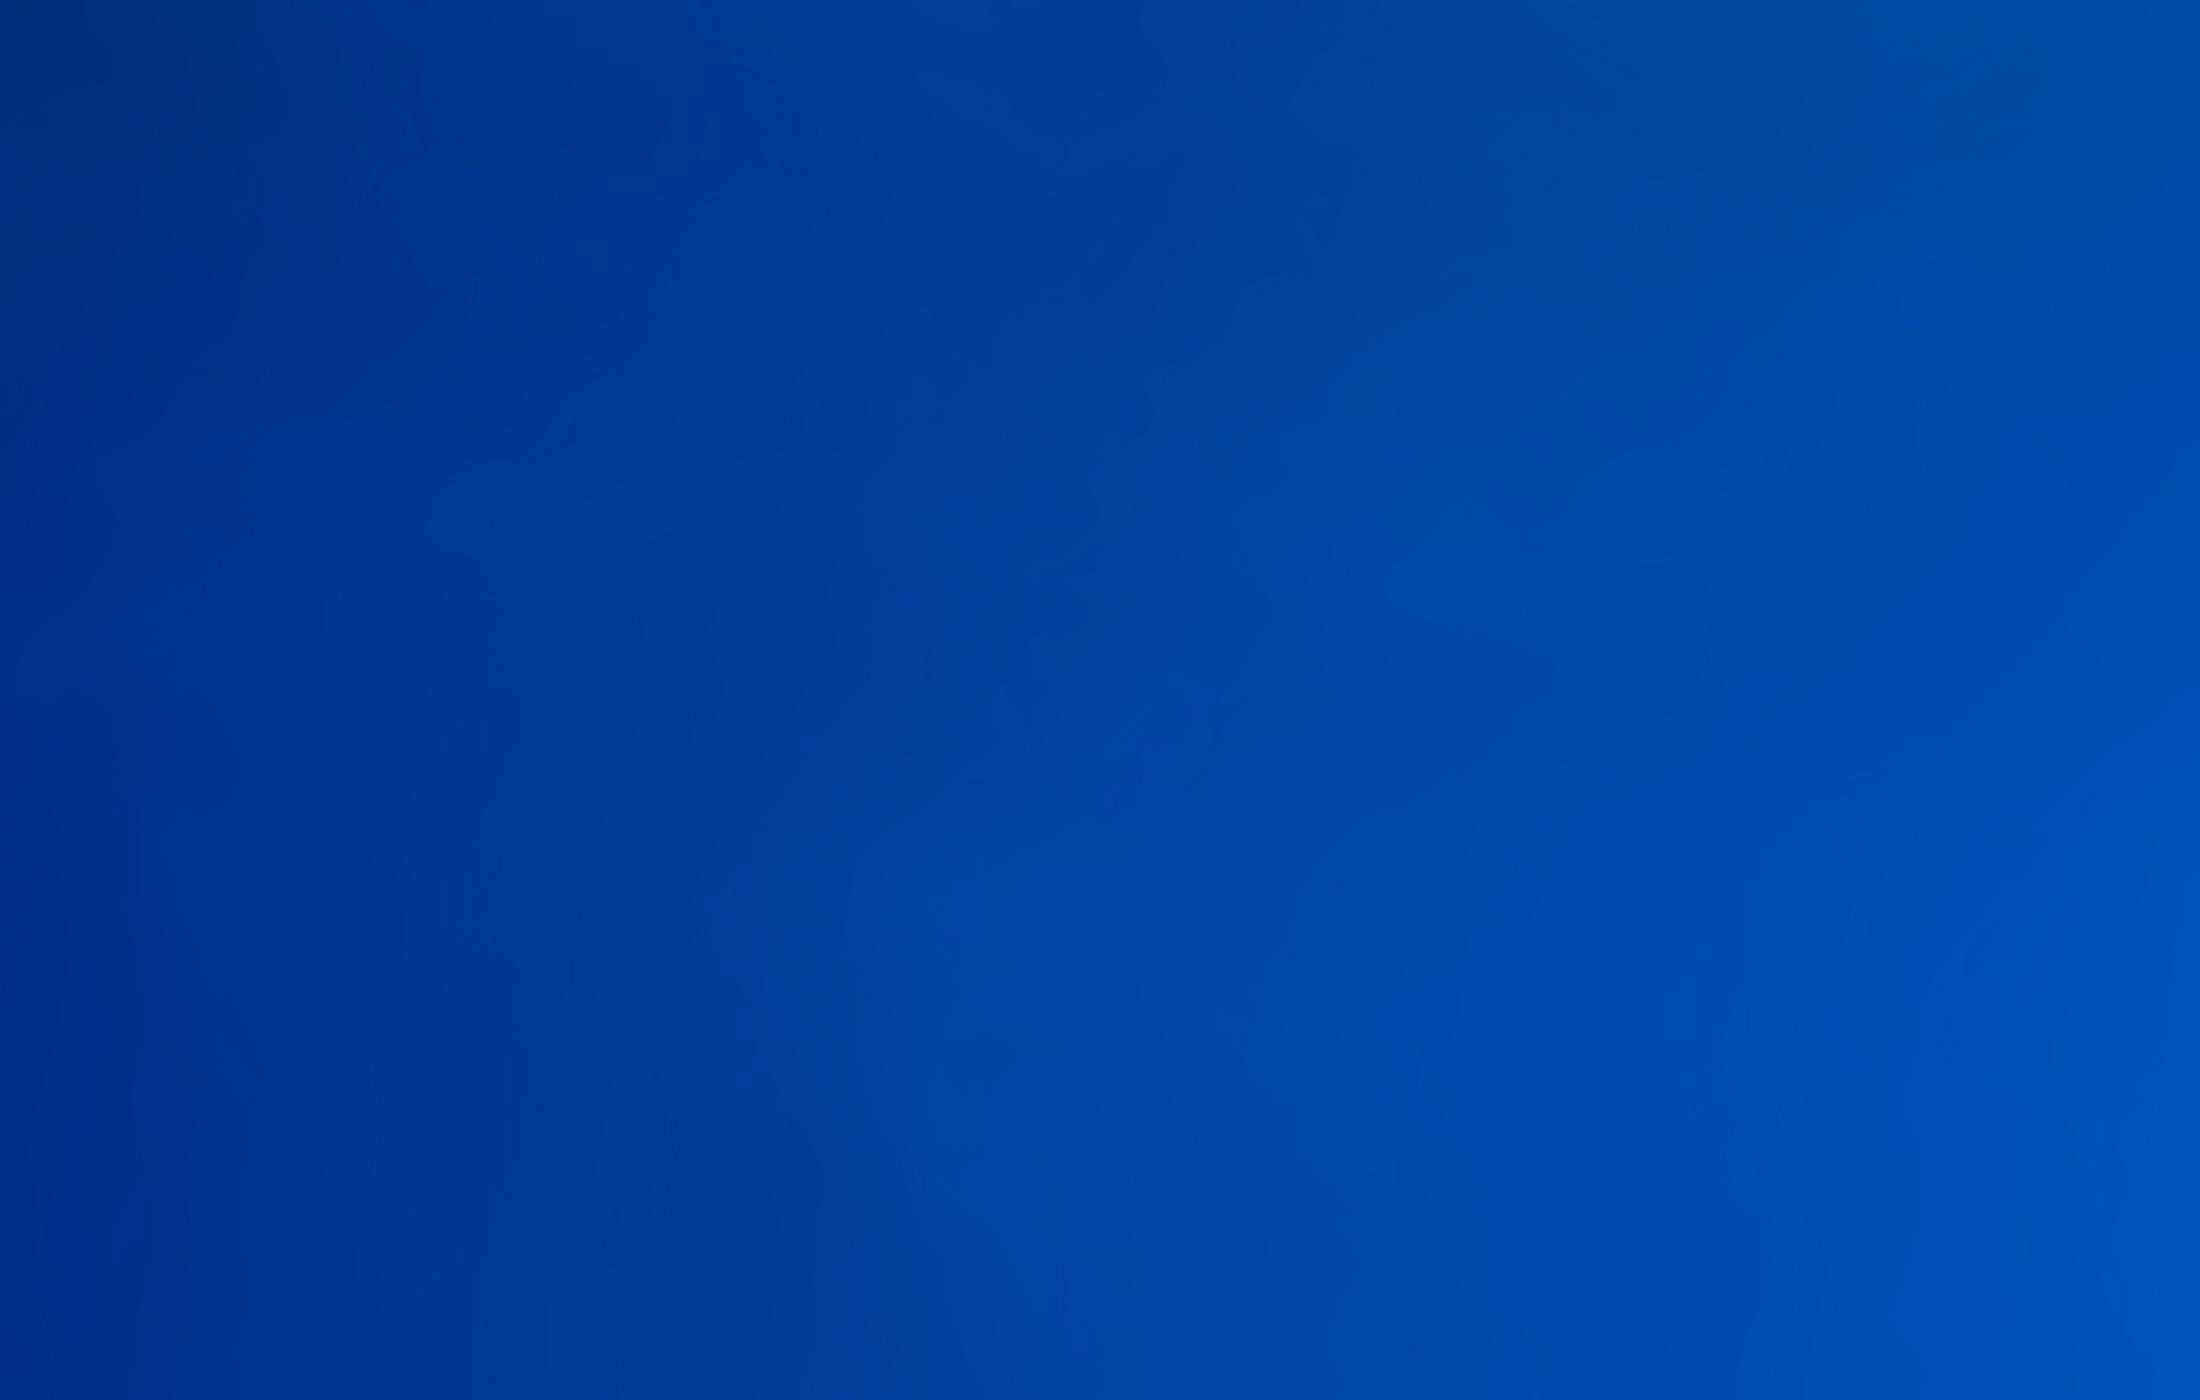 slider_bg_azul_2